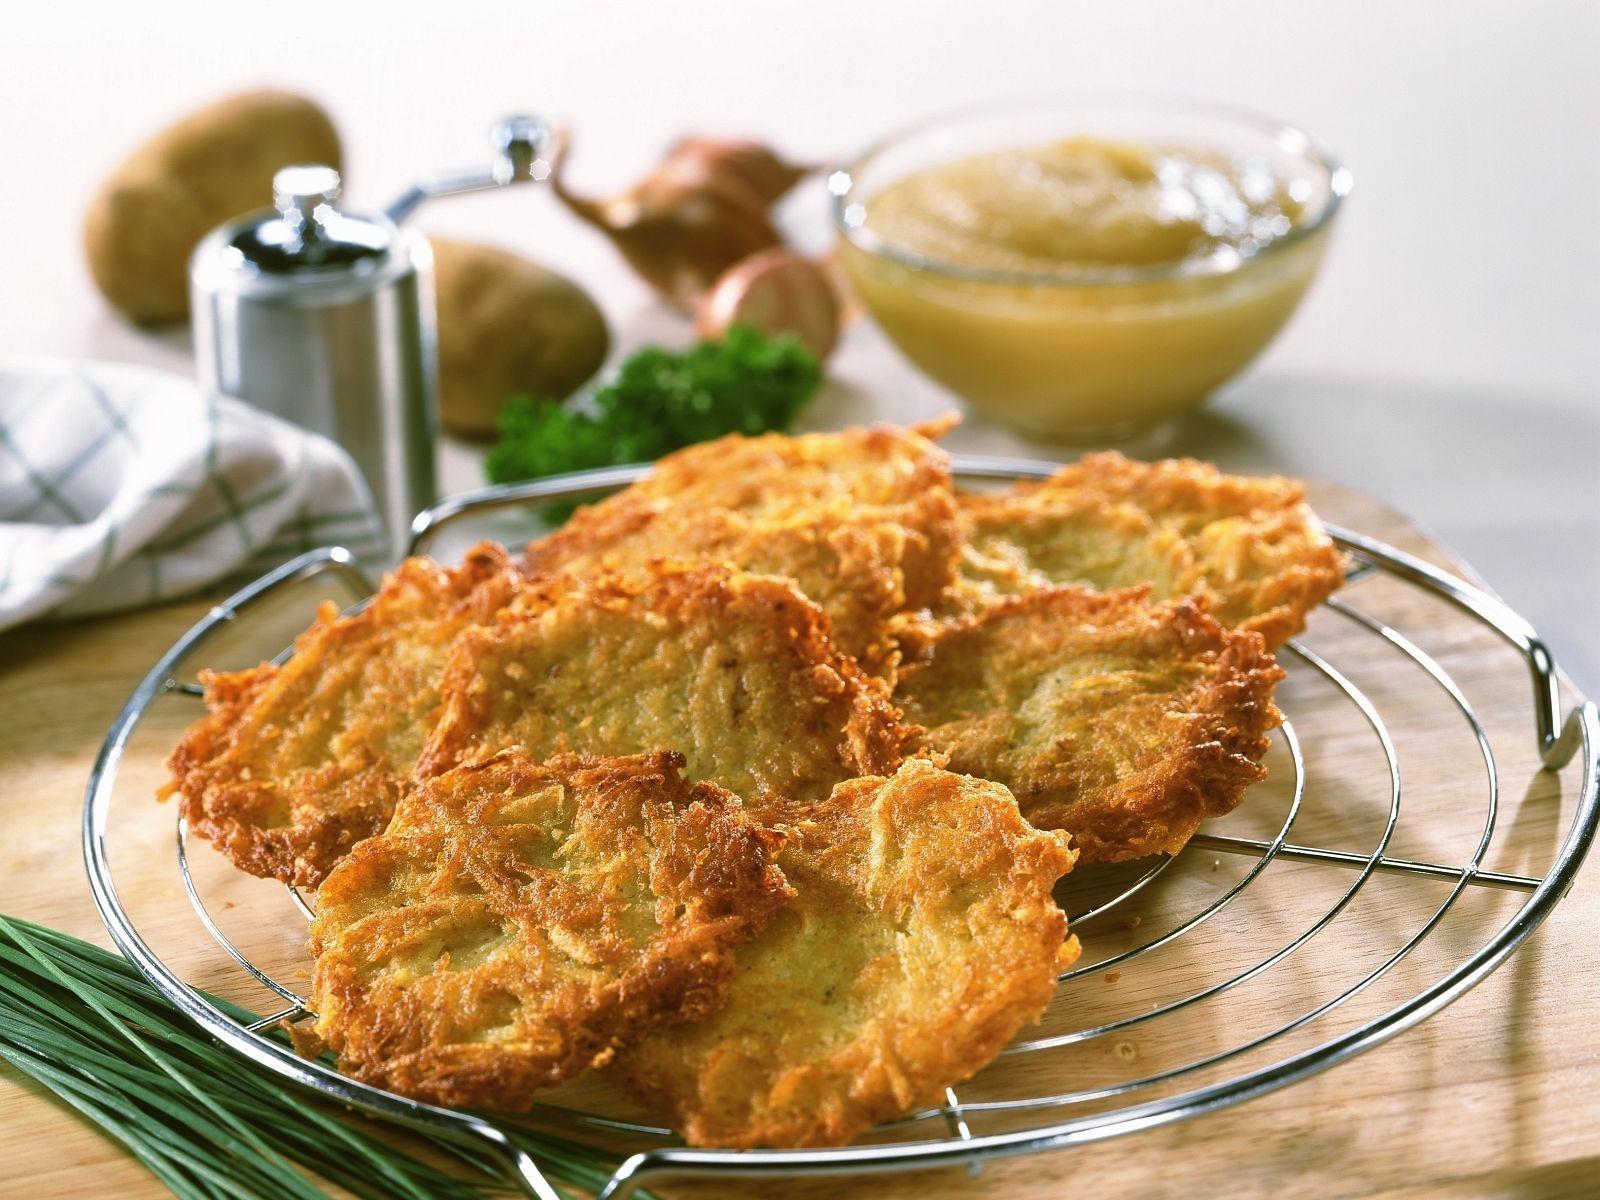 Já comeu uma panqueca feita com batata? Conheça a kartoffelpuffer